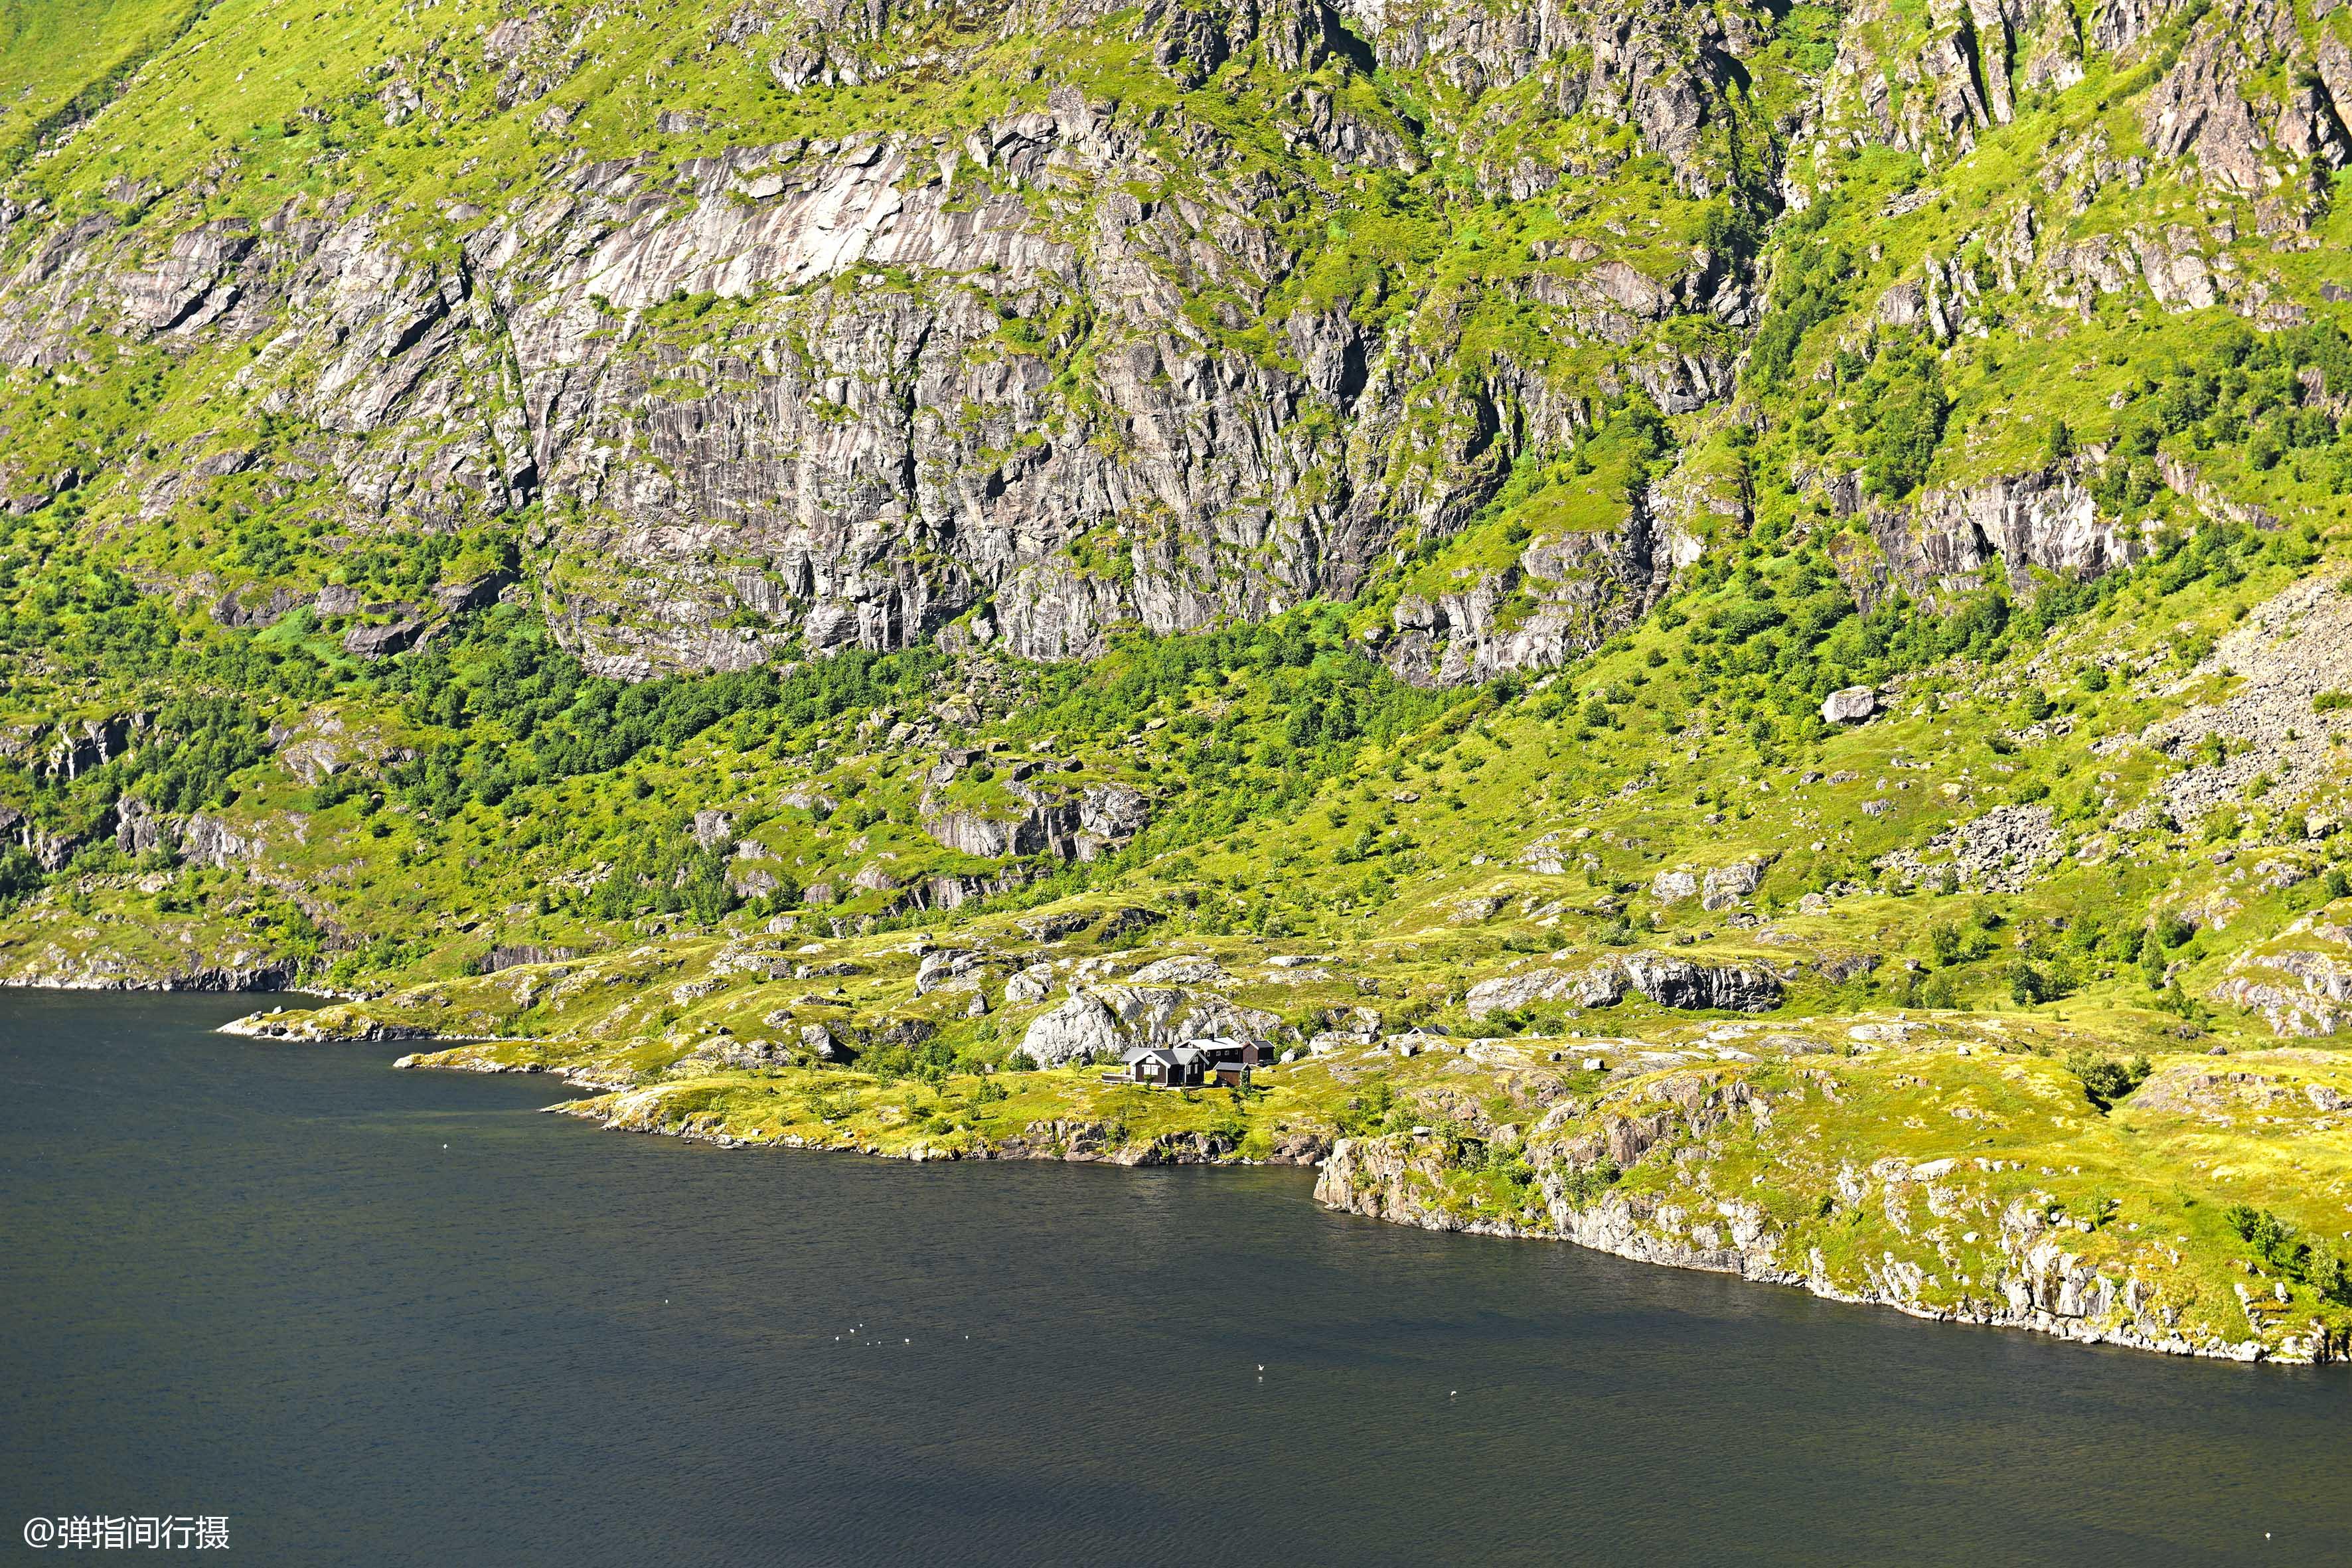 原创             挪威北极圈的生活:世界尽头,了无人烟,却拥有天堂般的绝美仙境